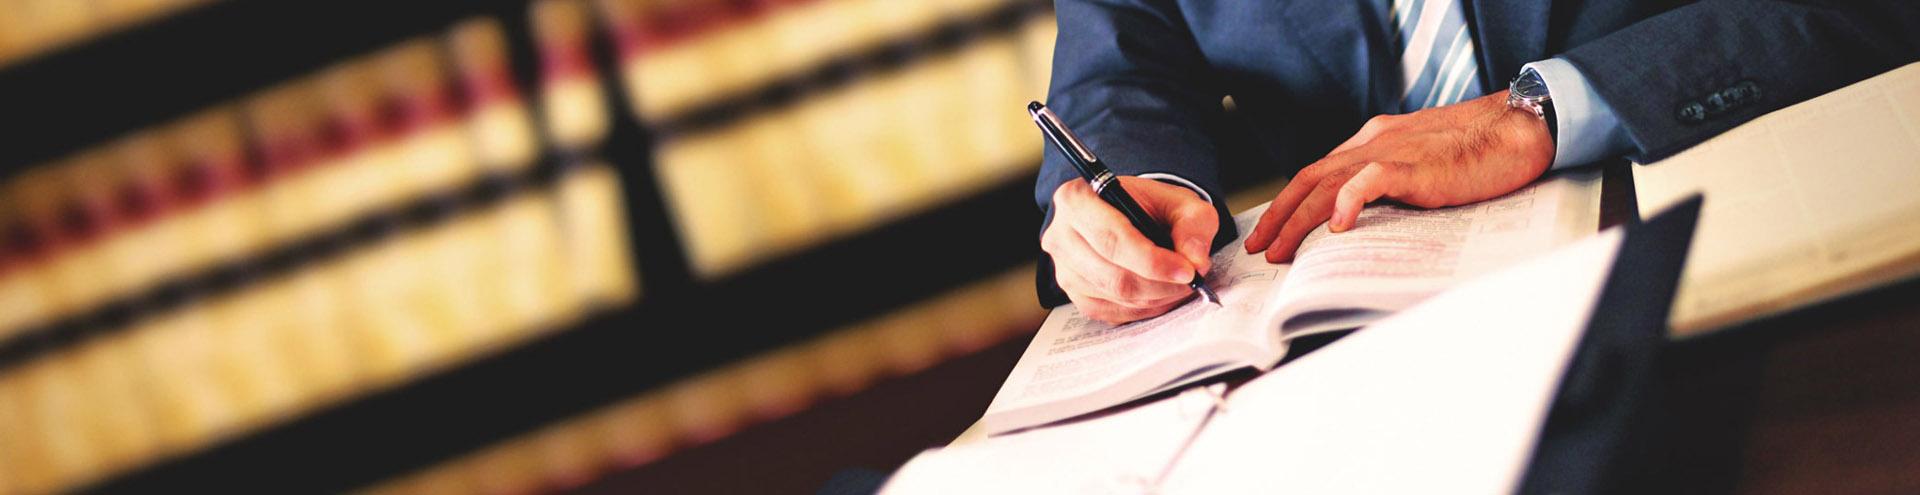 Адвокат по административным делам в Калуге и Калужской области